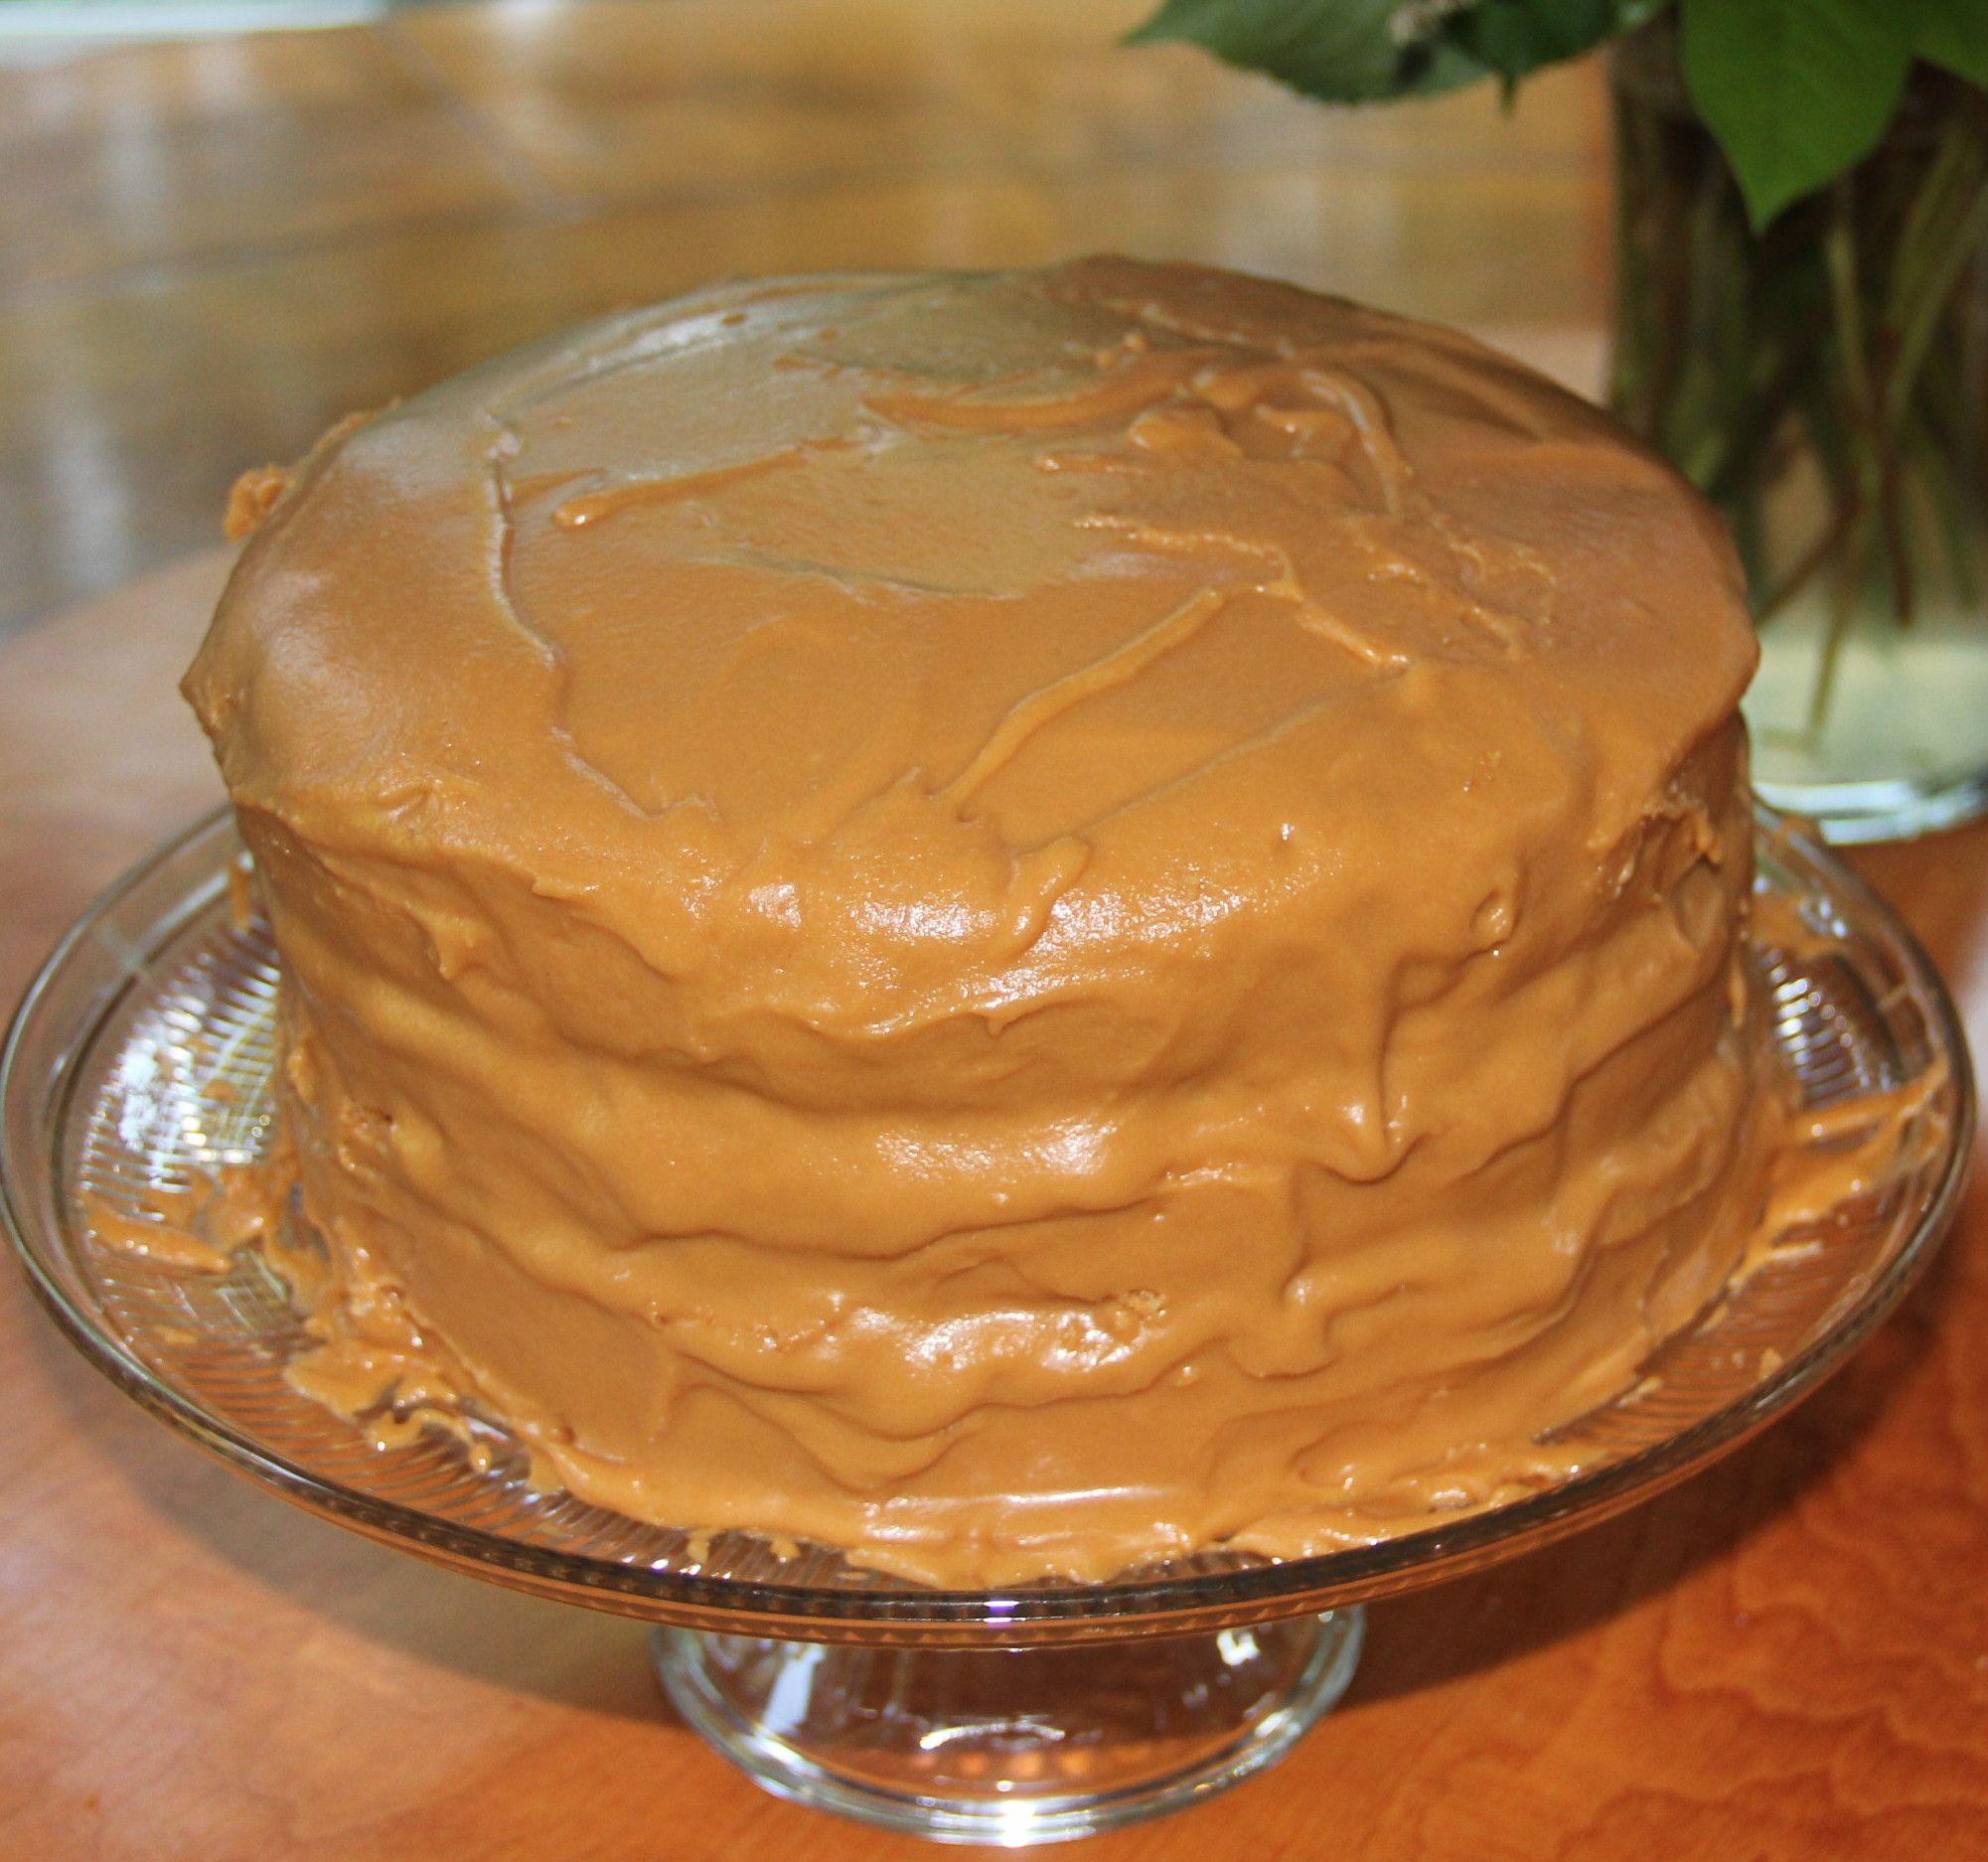 Southern Caramel Cake Caramel Cake Recipe Southern Caramel Cake Homemade Caramel